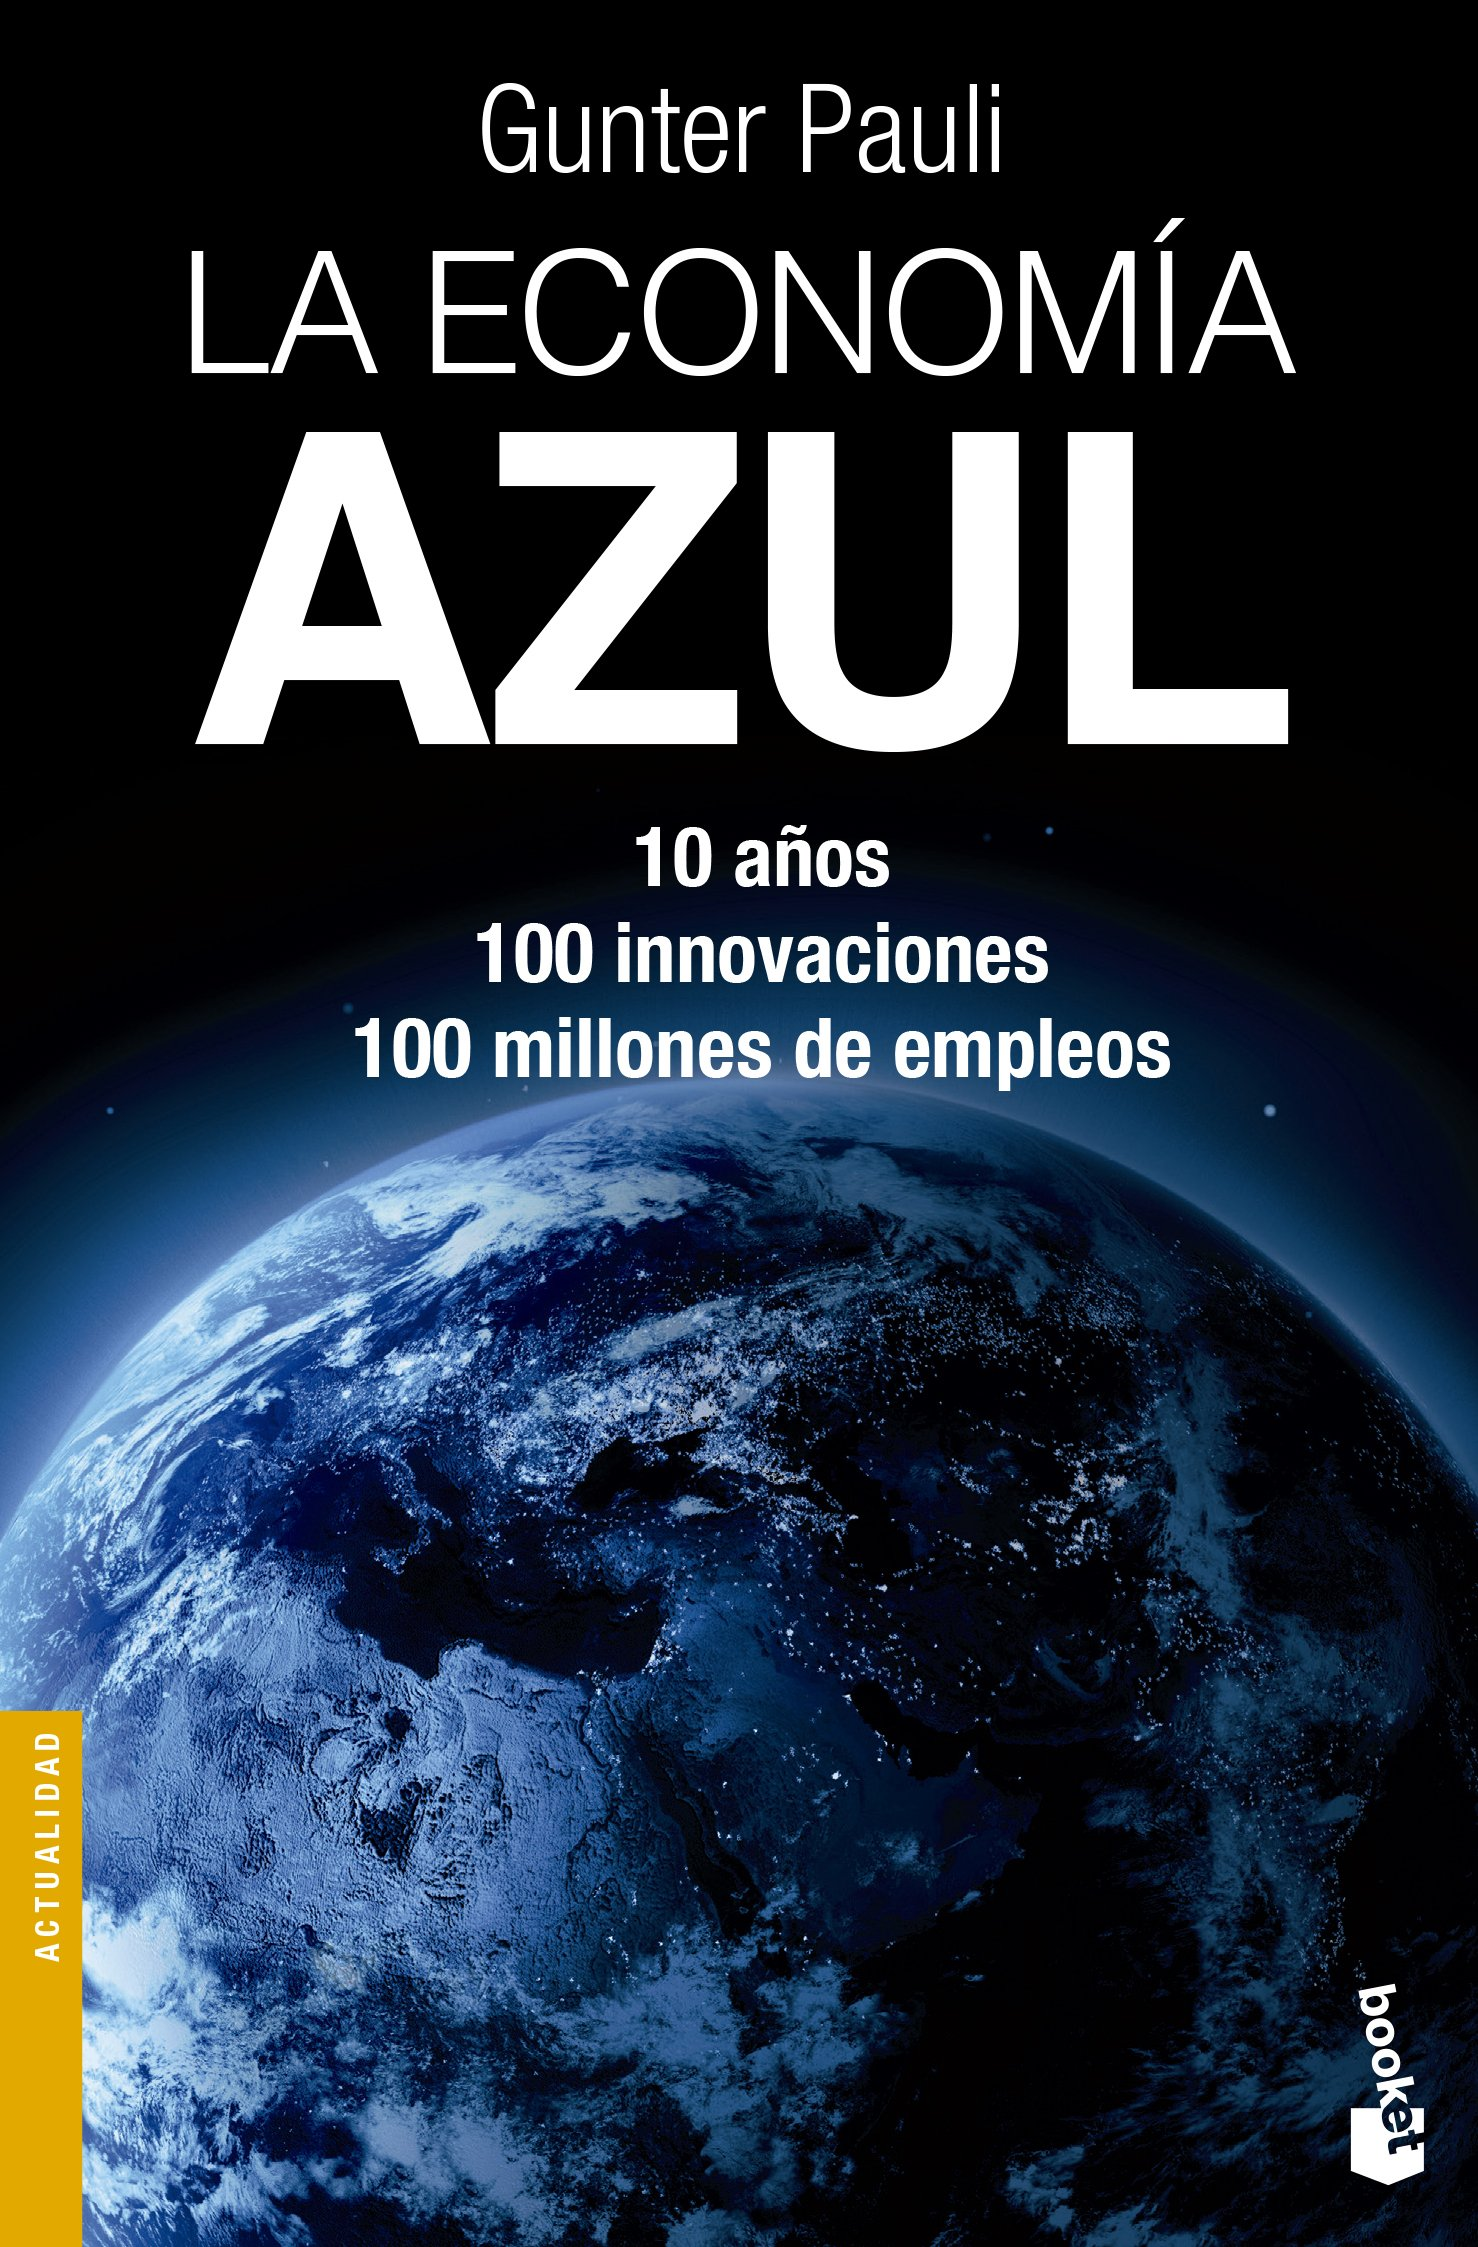 La economía azul (Divulgación. Ciencia) Tapa blanda – 17 feb 2015 Gunter Pauli Ambrosio García Leal Booket 8490660204